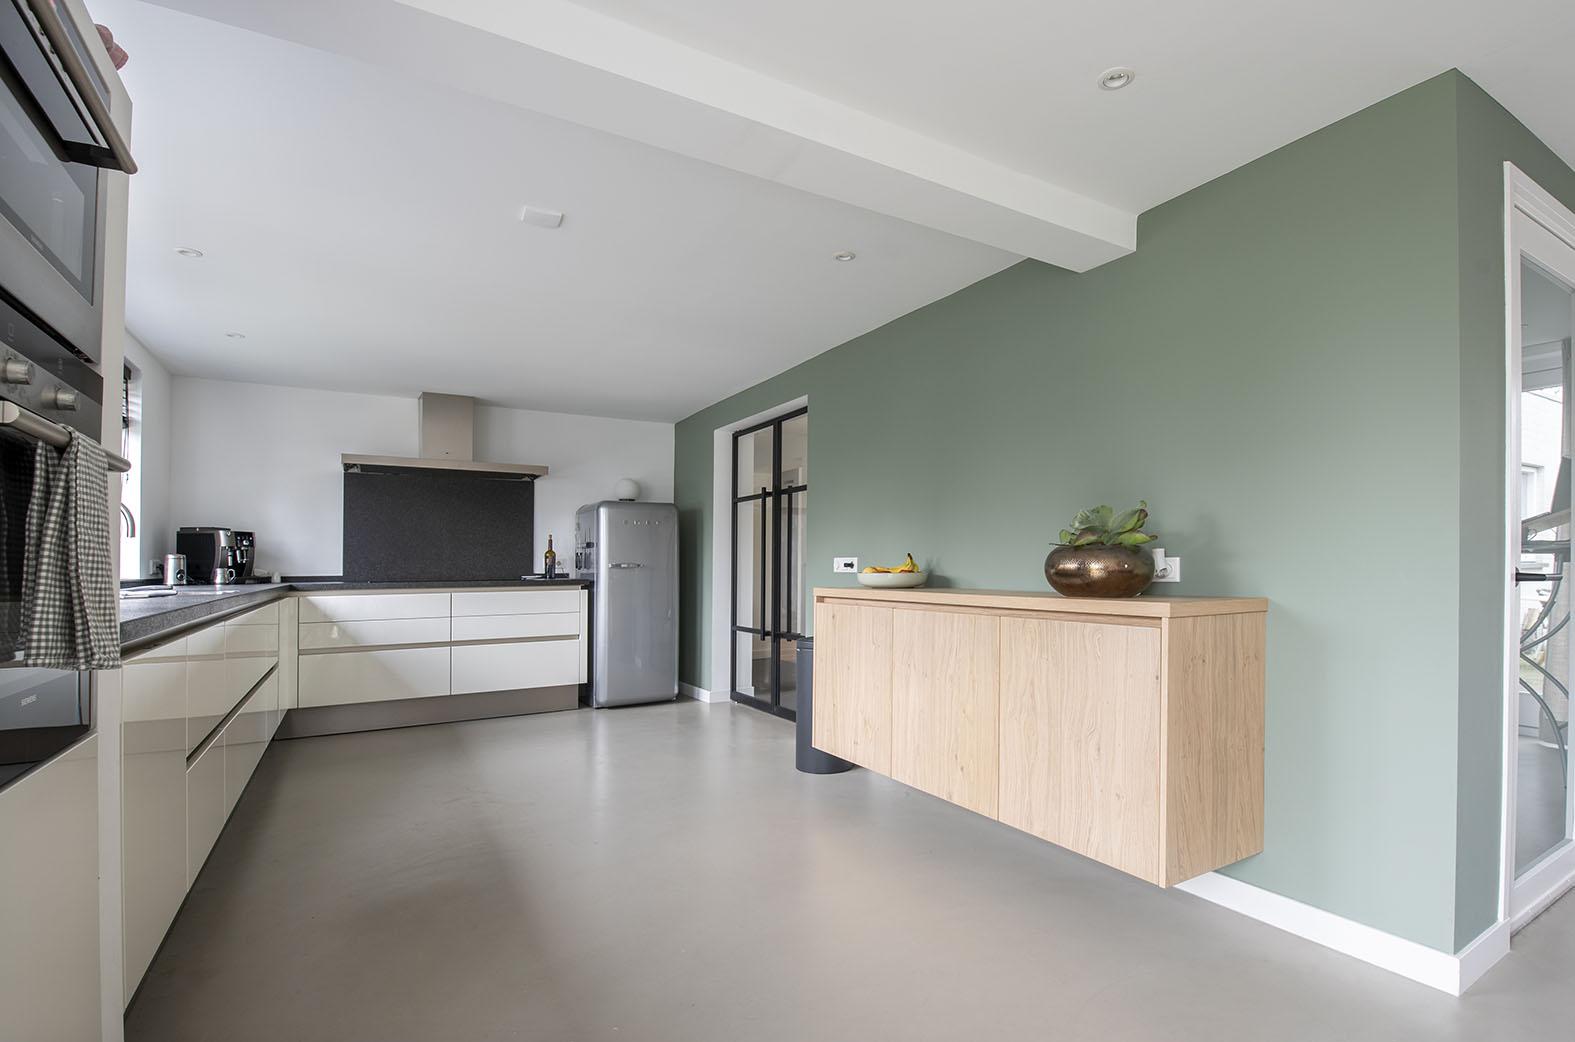 eetkeuken woonkeuken inspiratie interieuradvies Den Bosch grote woonkeuken